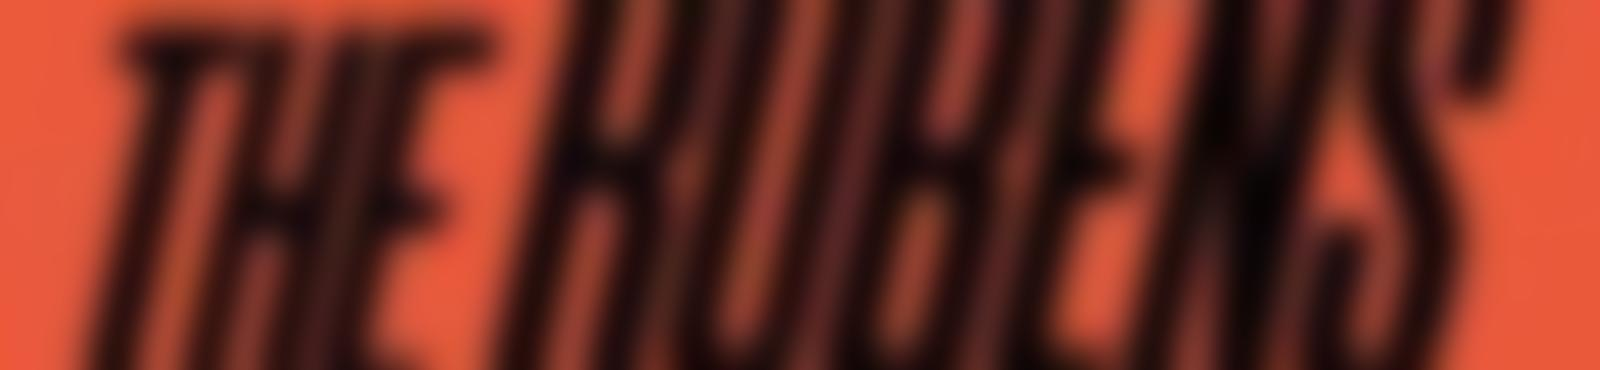 Blurred 8c86e790 2b5a 432a a73c 389614d7361b